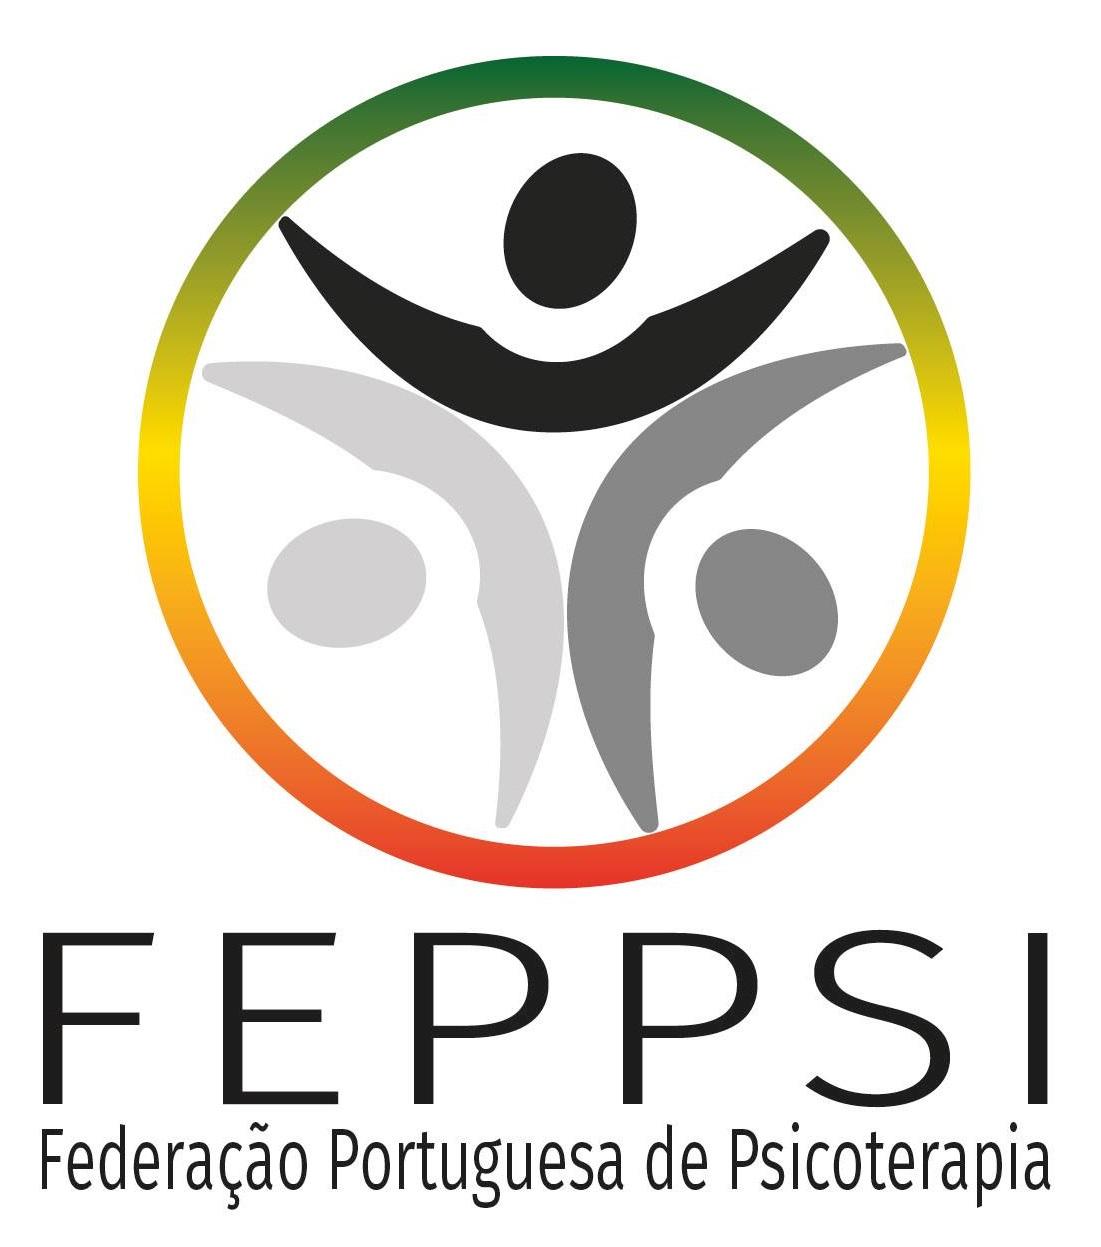 Federação Portuguesa de Psicoterapia